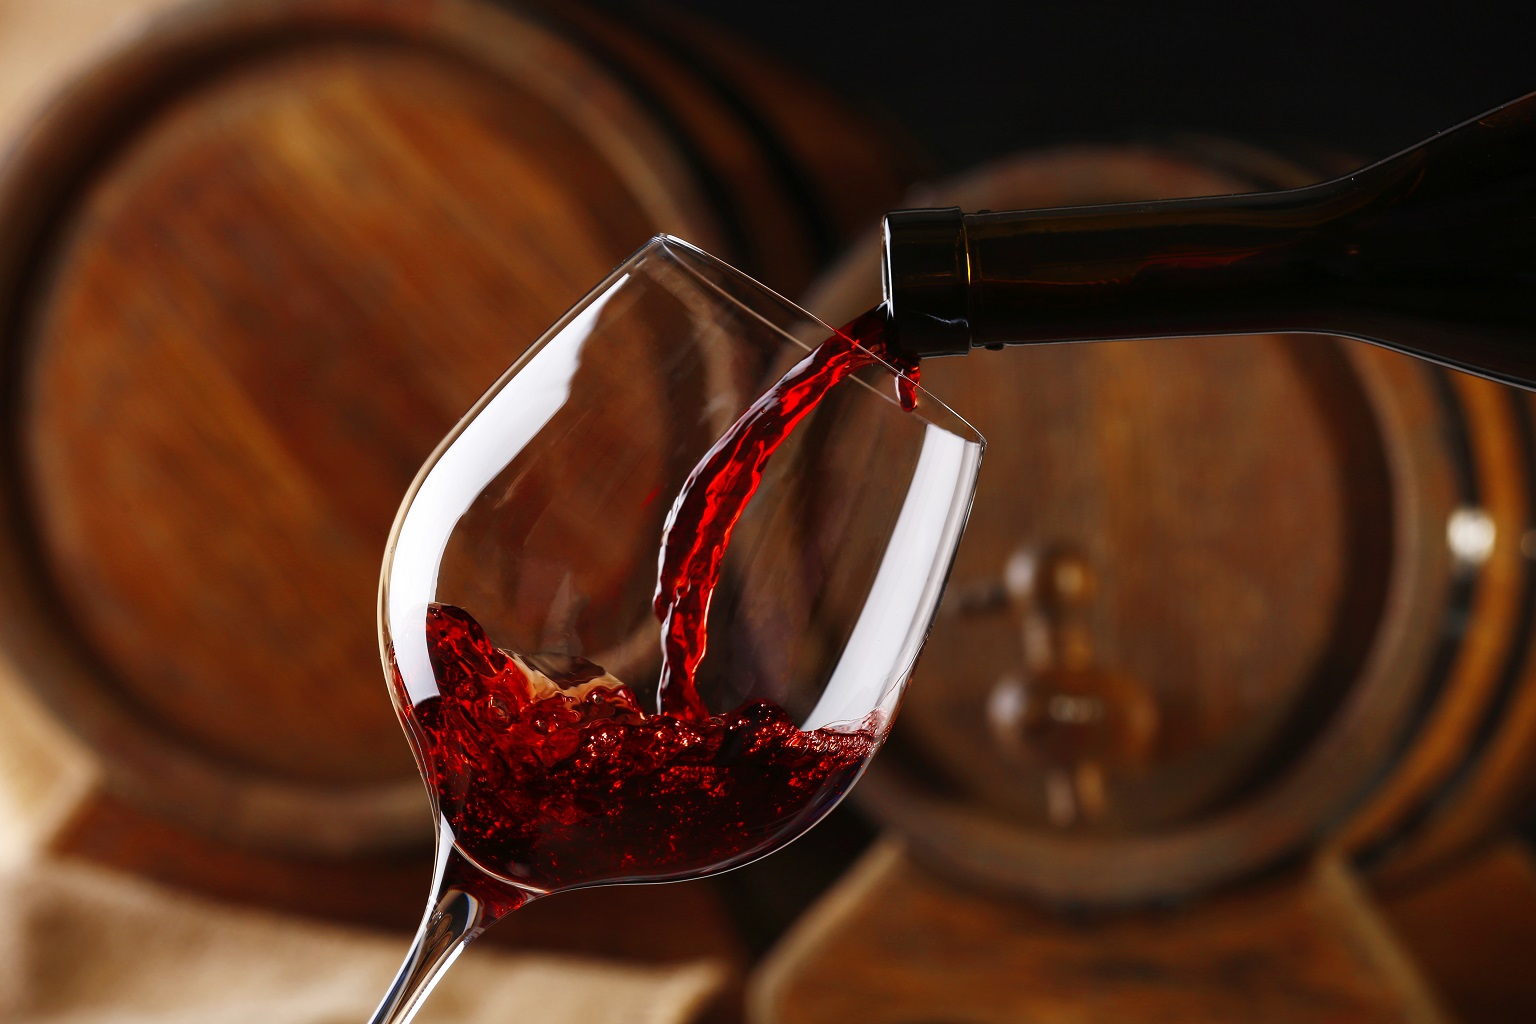 vino rolfi 16 progetti